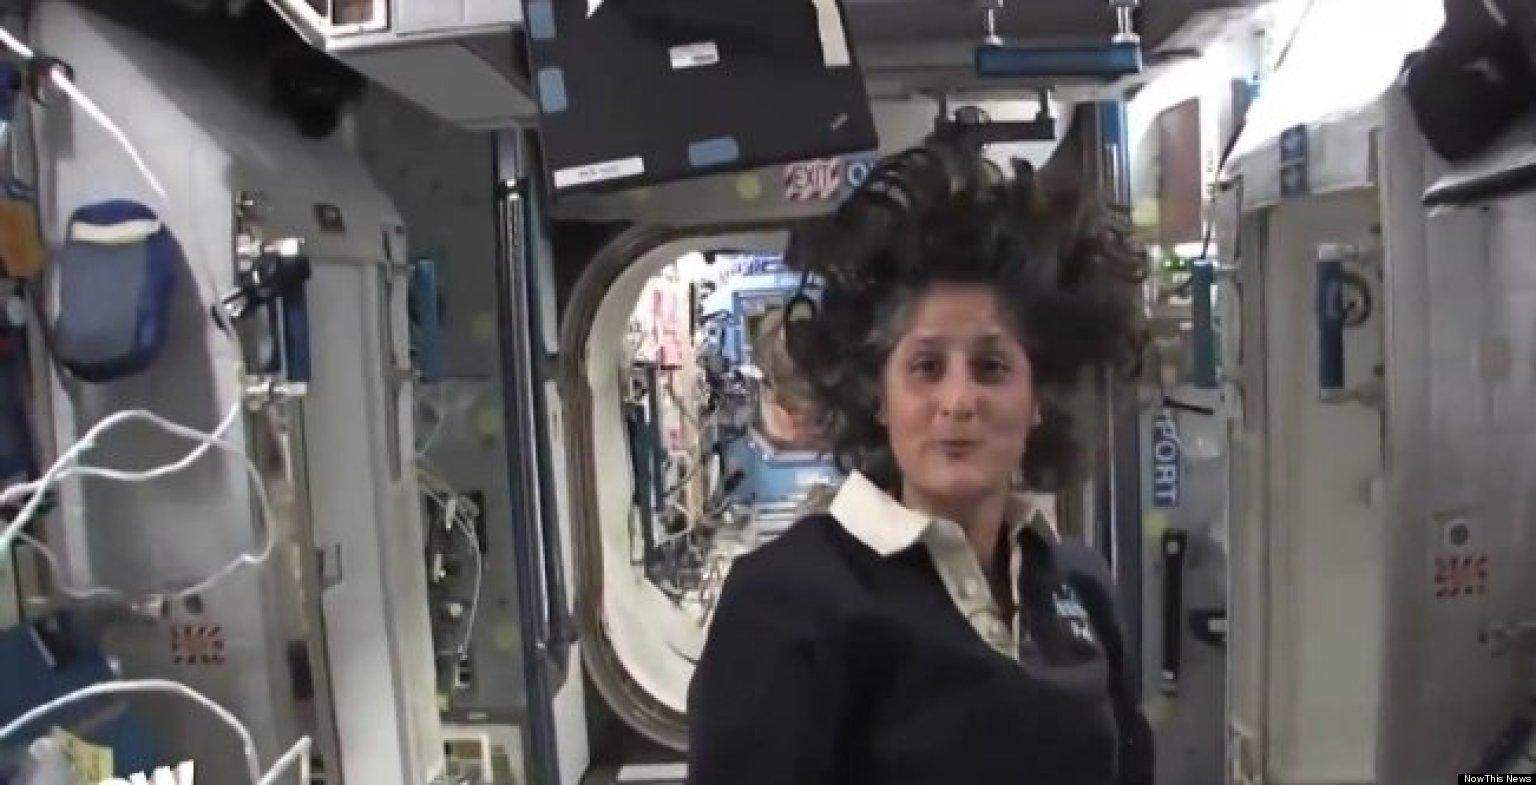 WATCH: ISS Veteran Shows How Astros Pee, Poop In Space